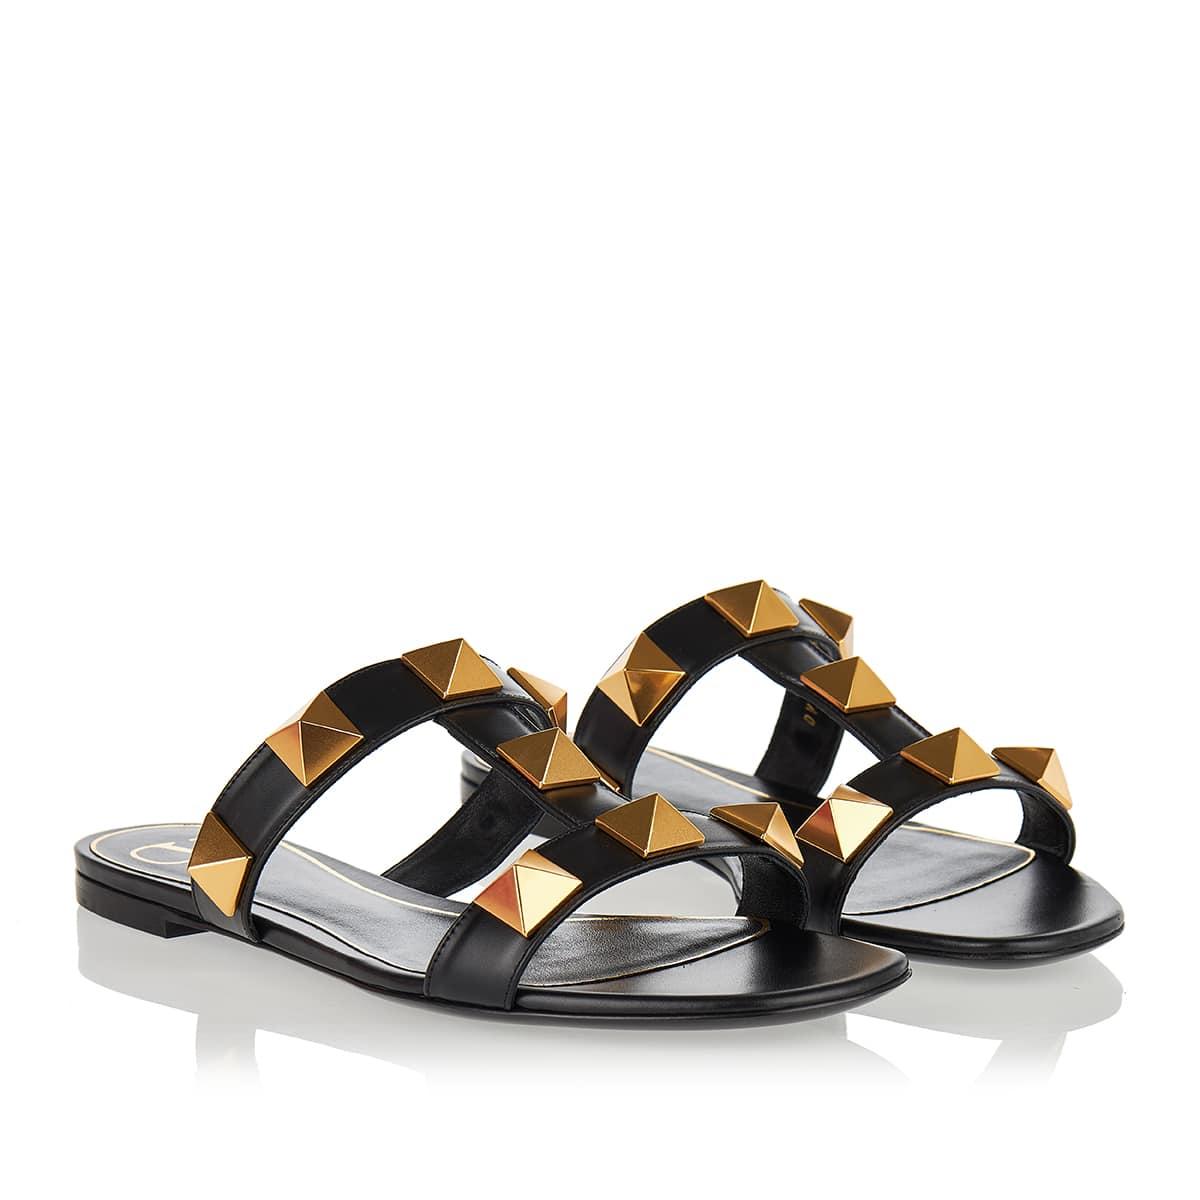 Roman Stud leather slide sandals